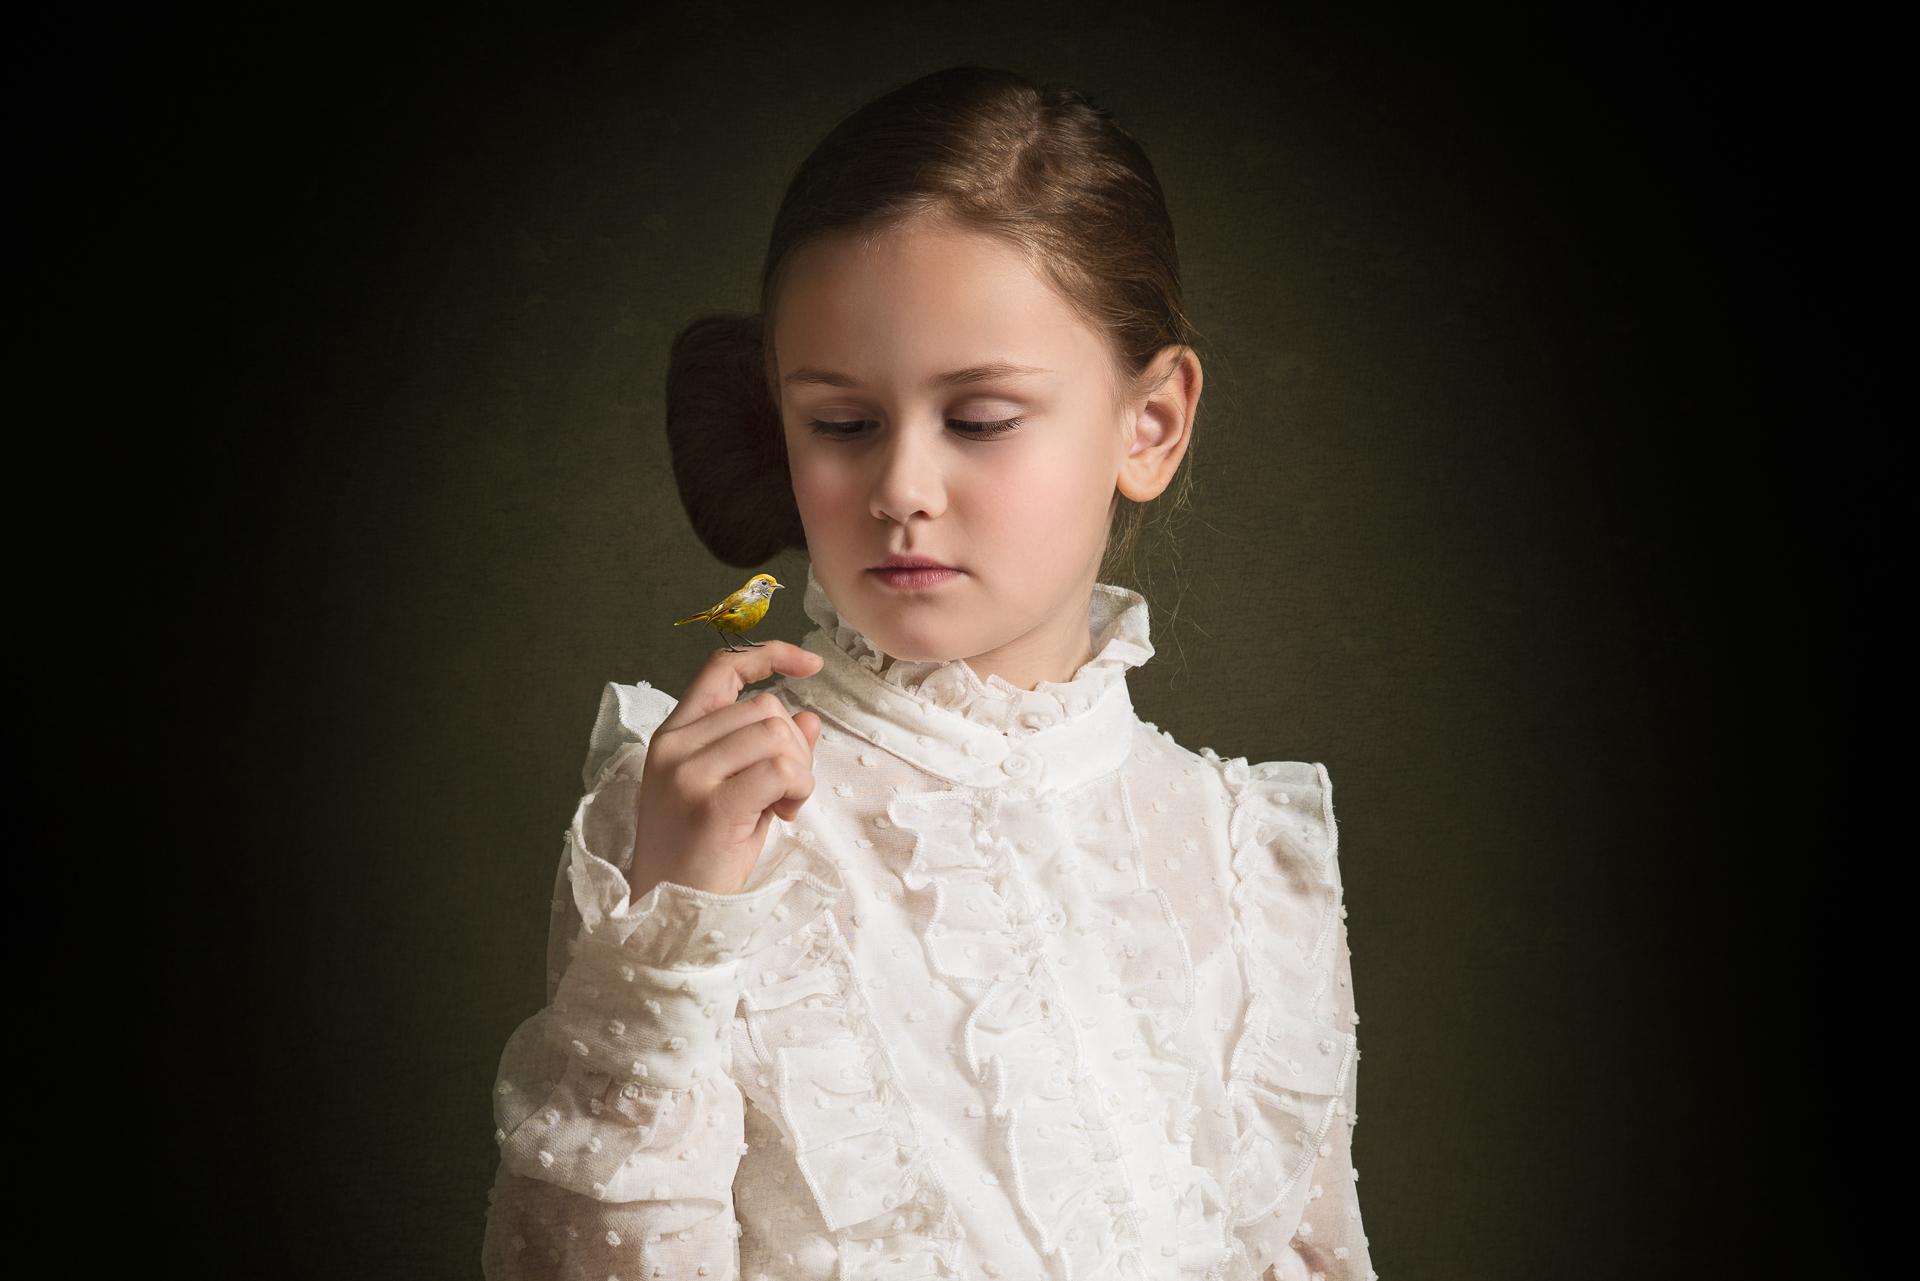 fine art kinderportret kinderfotograaf broer en zus fotograaf studio portret